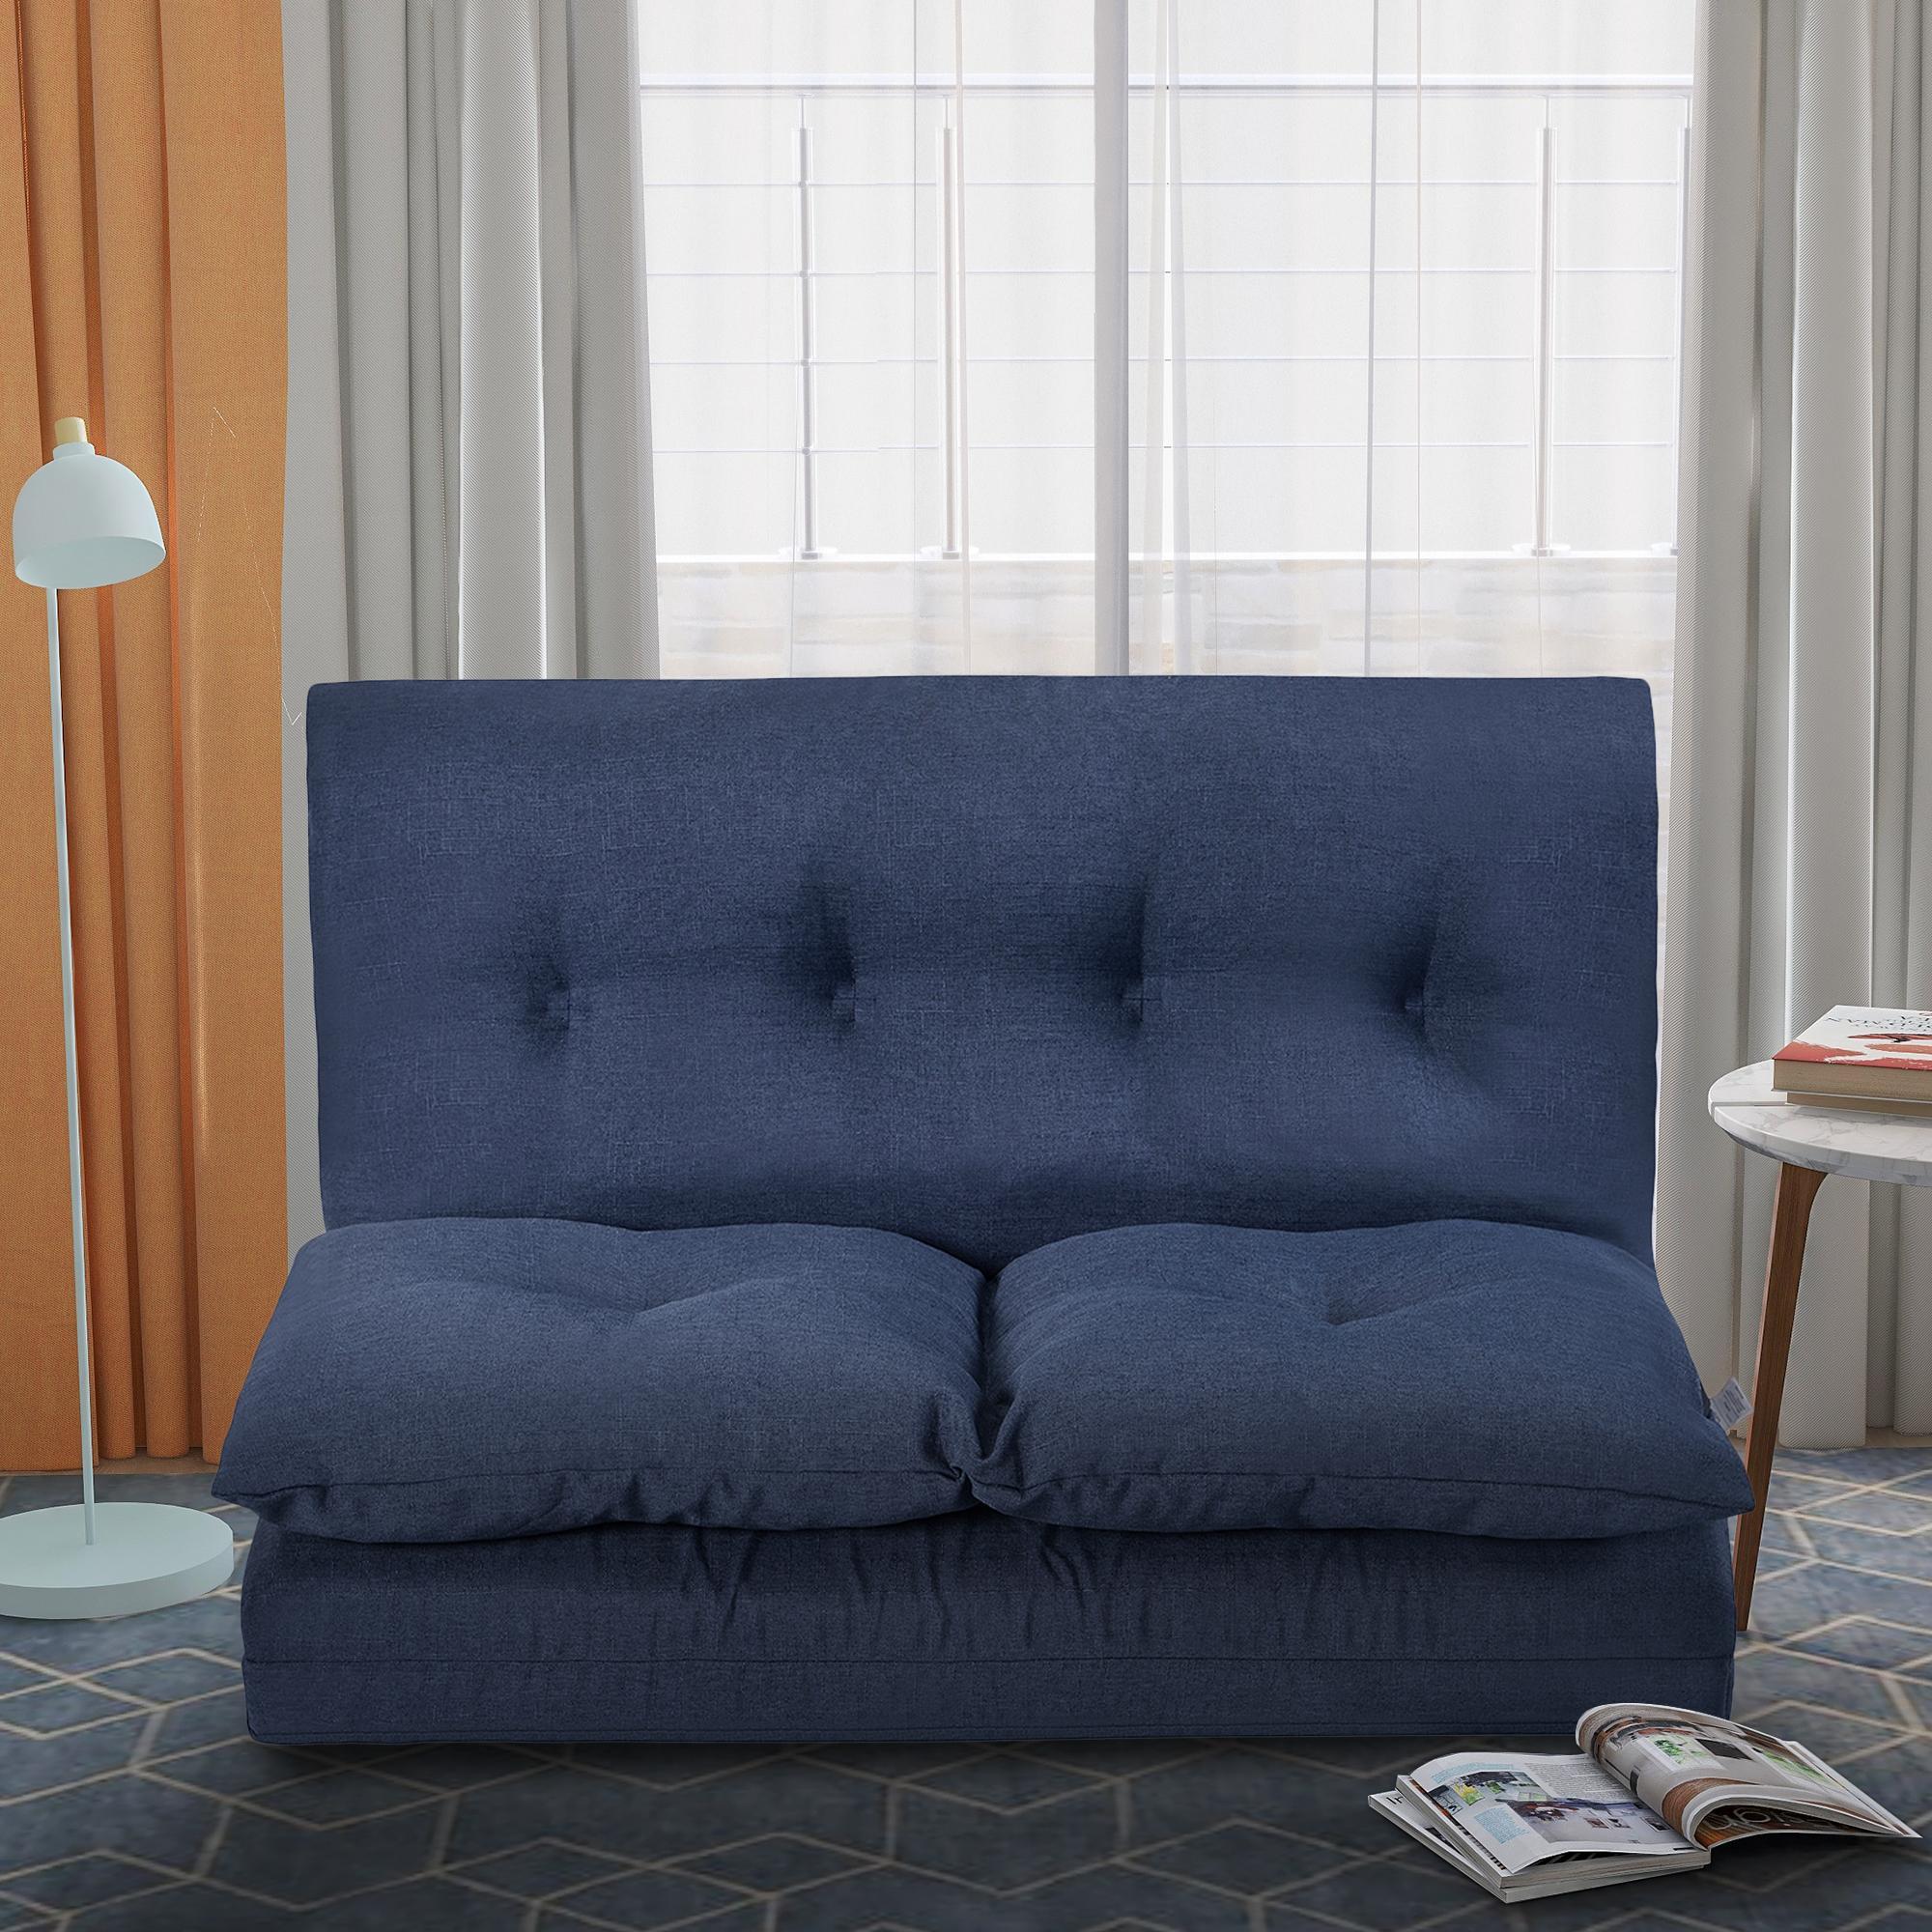 Freies Verschiffen US-amerikanische Lagerbestand 3-5 Tage Lieferung Bodencouch und Sofa Stoff Falten Chaise Lounge Sofa Stuhl PP019425QAA